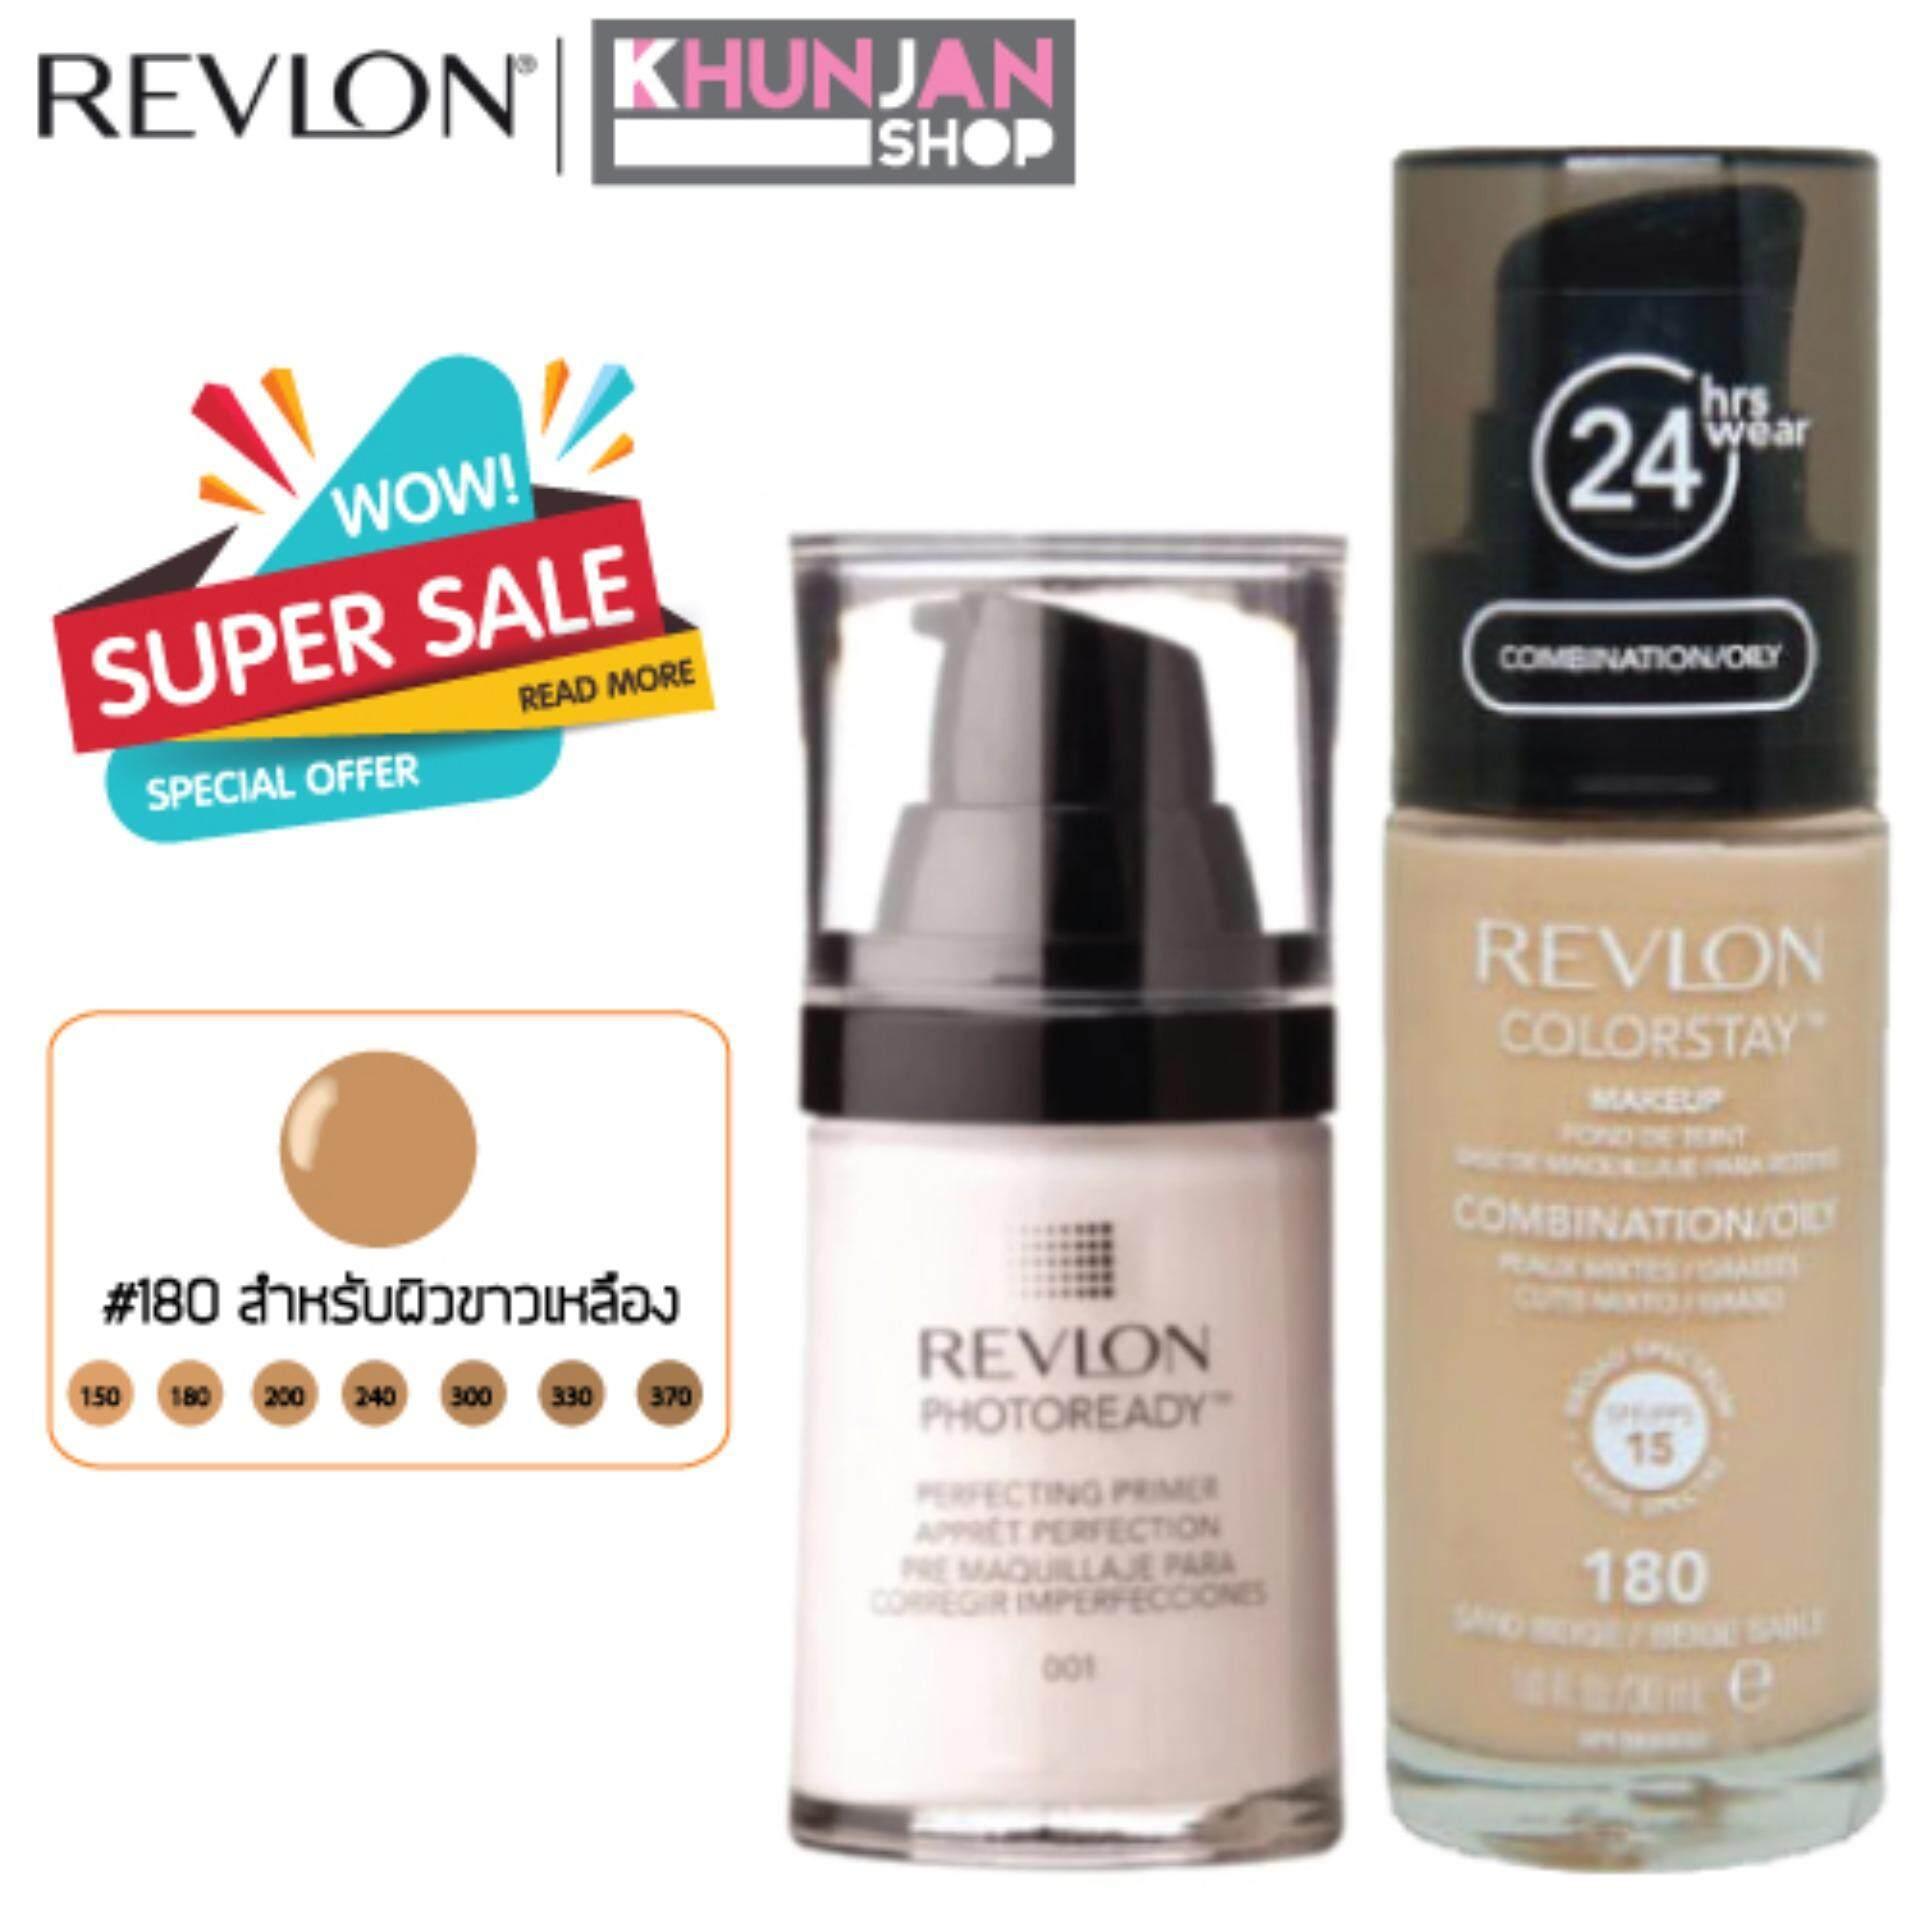 ราคา Revlon Colorstay Foundation 180 Sand Beige Revlon Photoready Perfecting Primer 001 Revlon เป็นต้นฉบับ